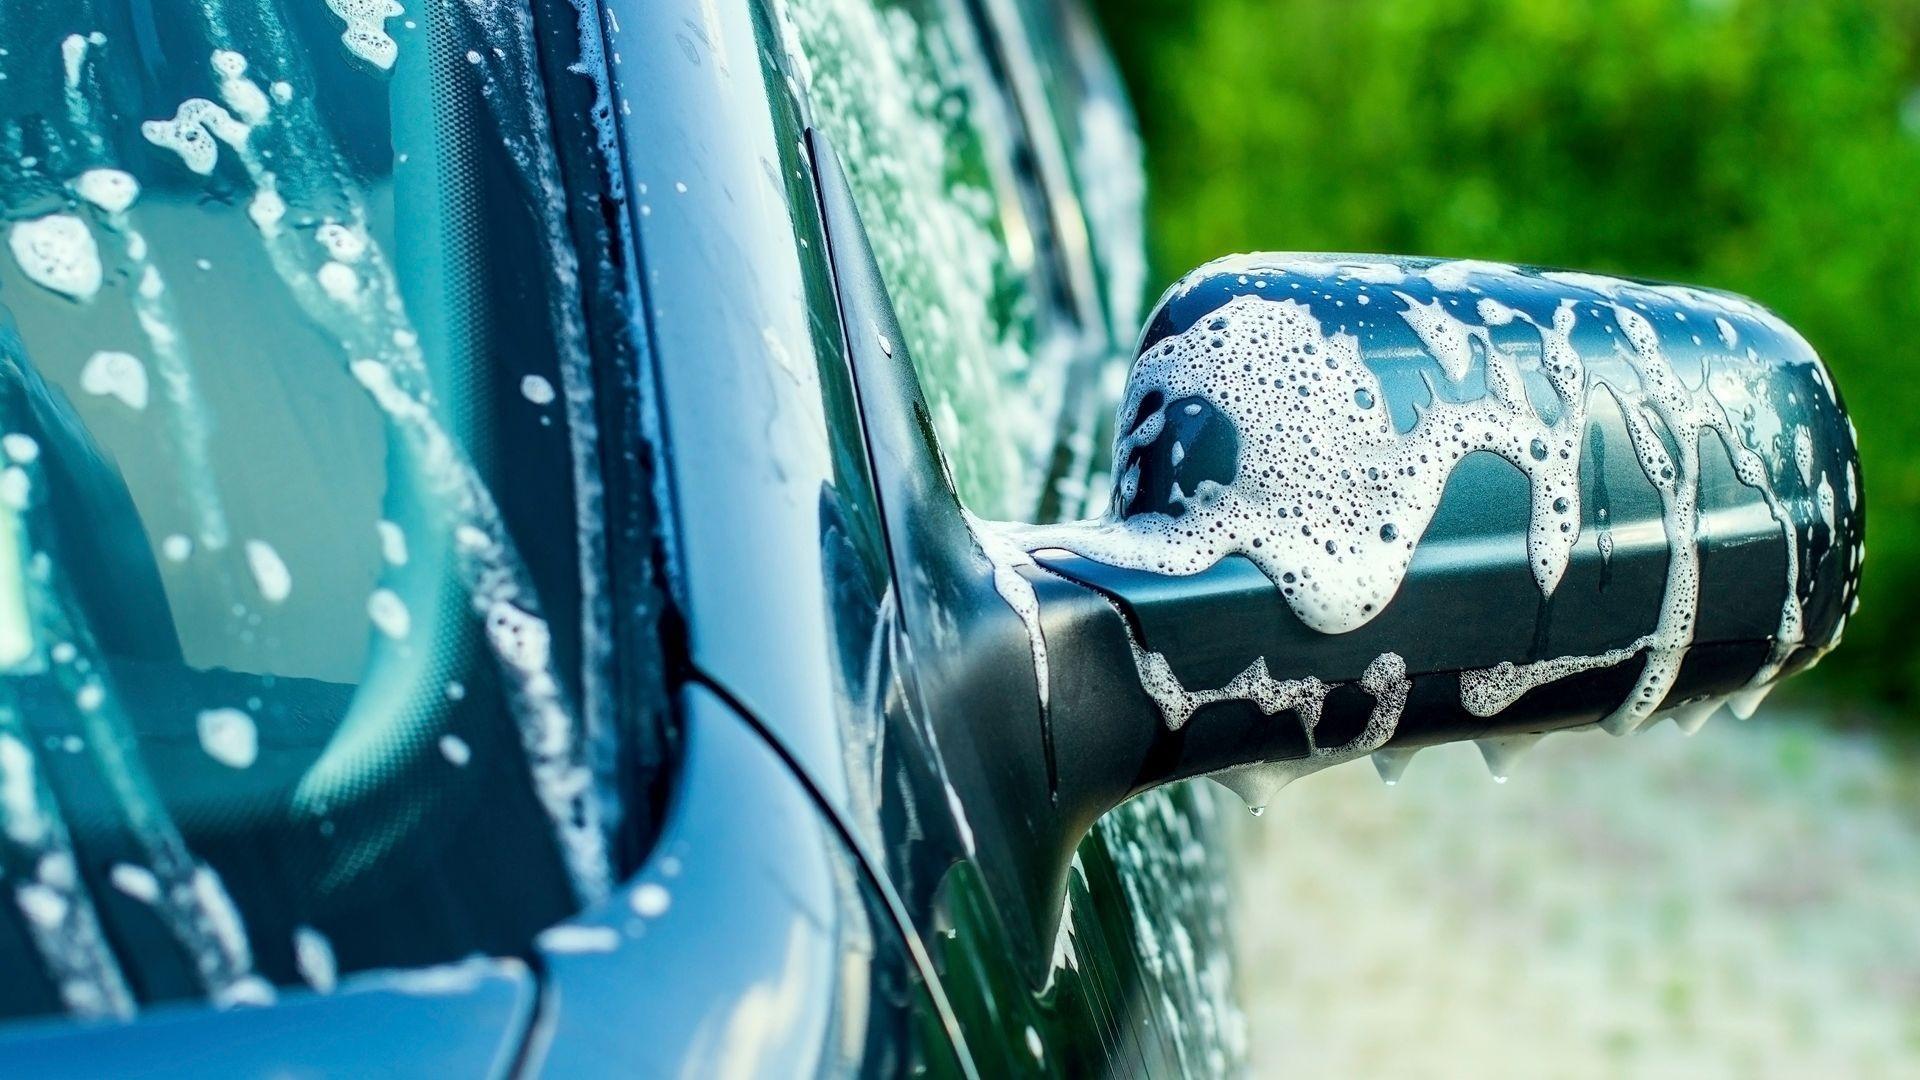 Limpieza integral de vehículos a domicilio en Tarragona